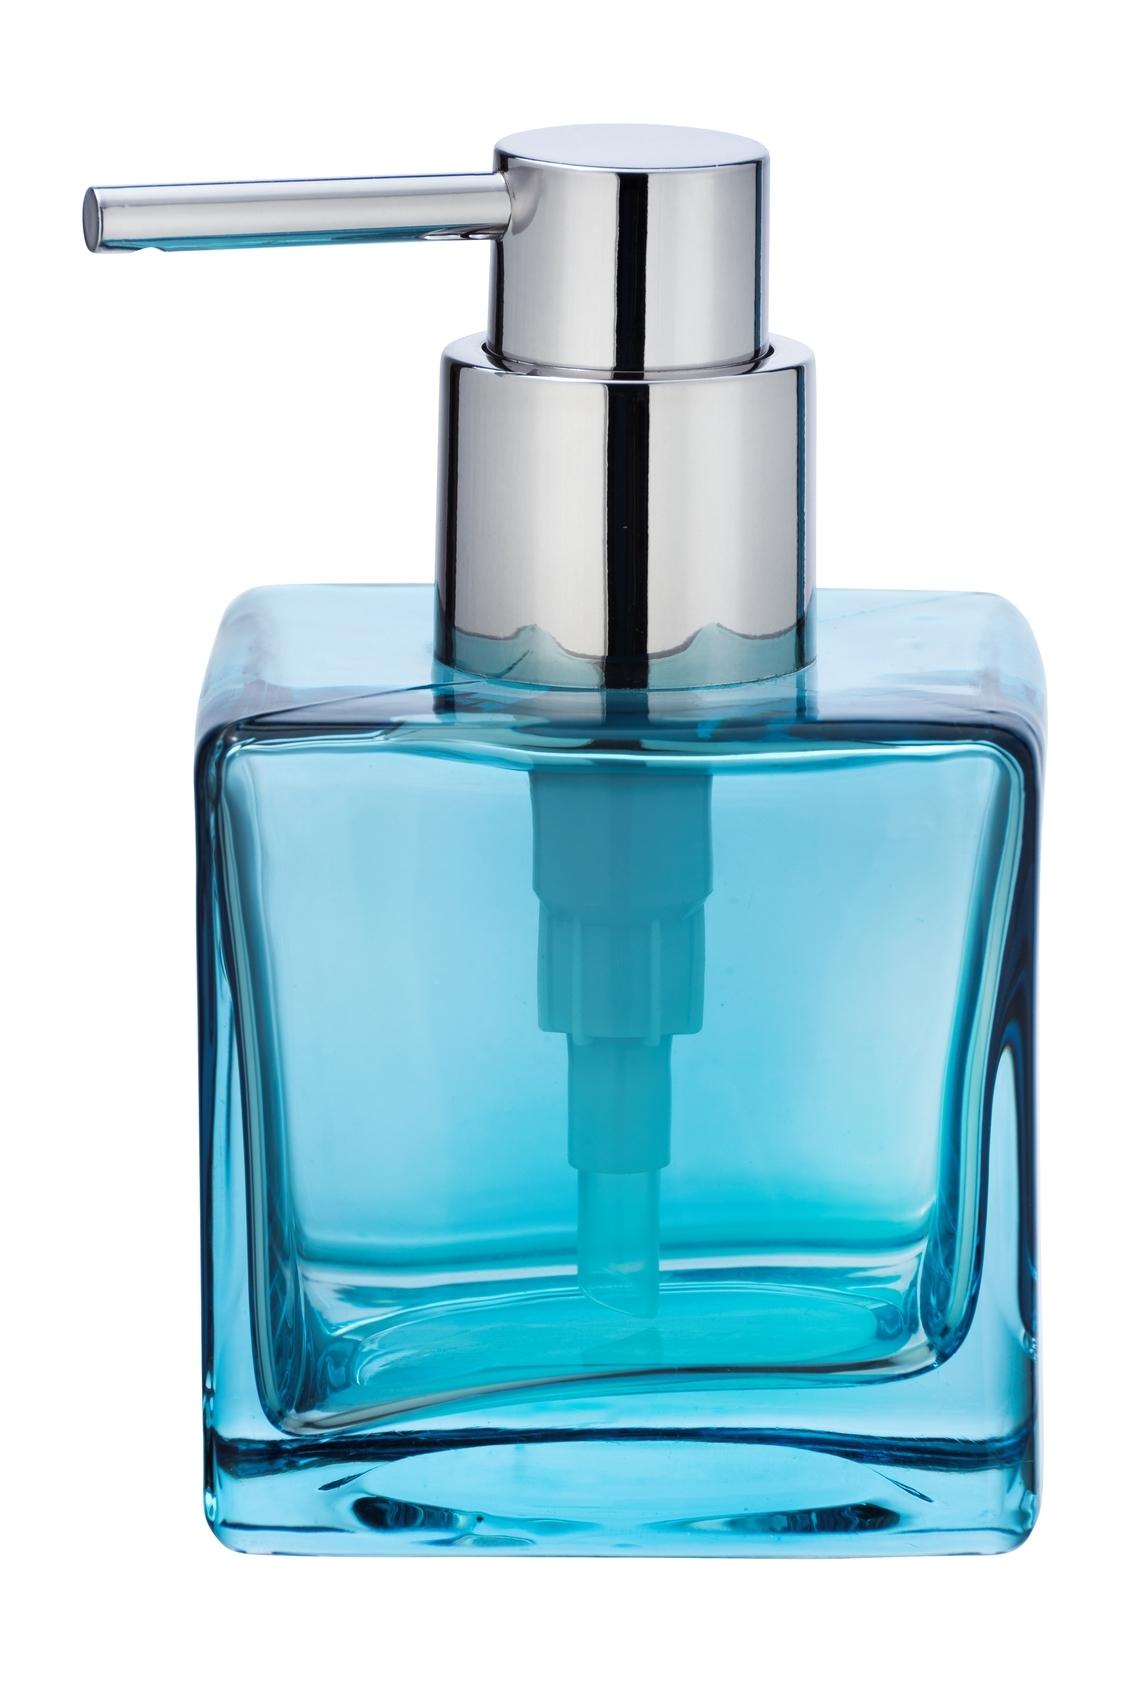 Dozator pentru sapun, din sticla, Lavit Bleu, L8xl8xH8,5 cm imagine